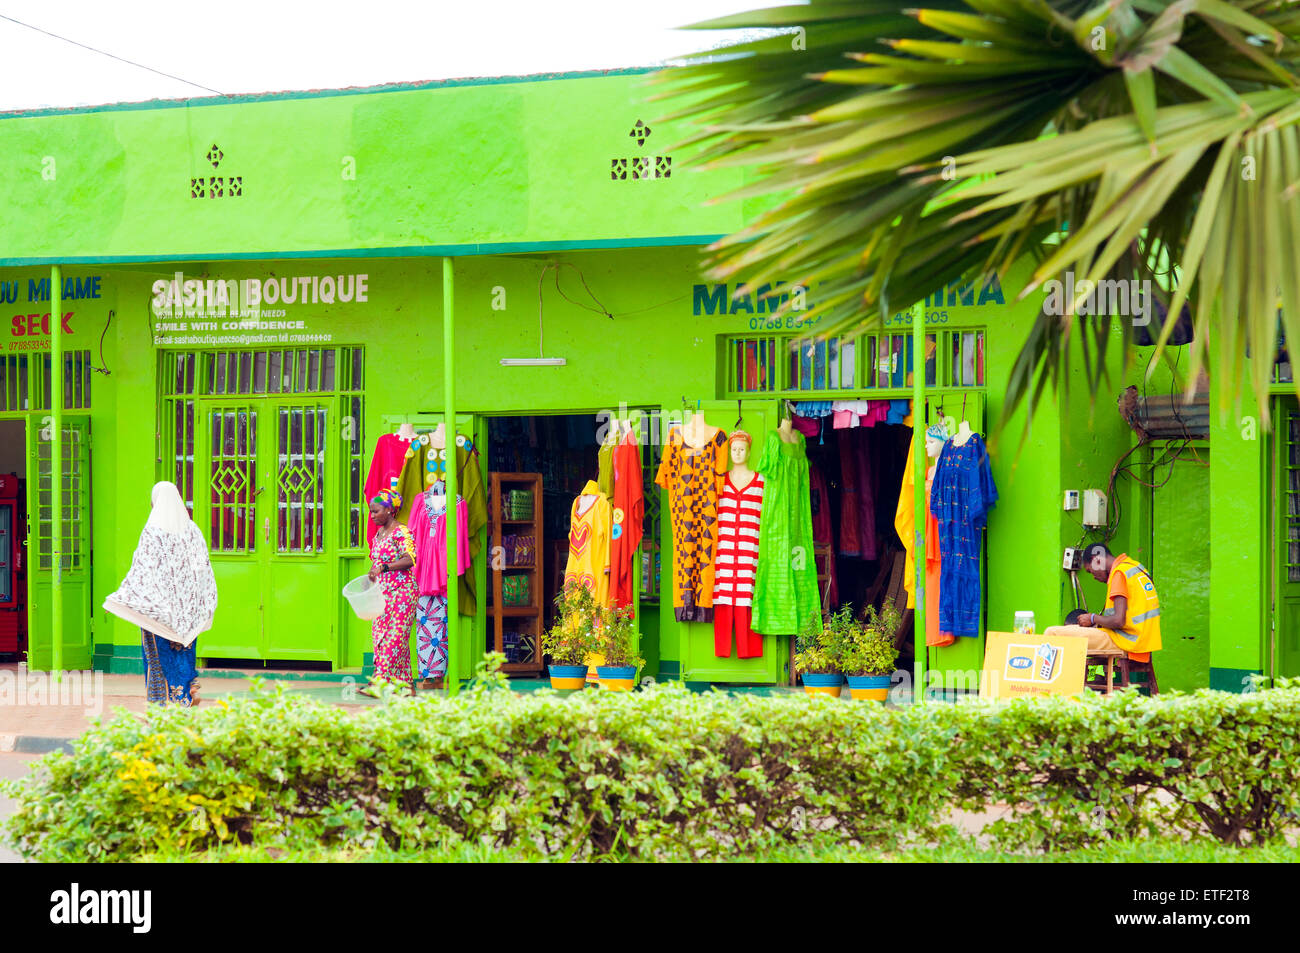 Street scene with brightly painted boutique, Nyamirambo, Kigali, Rwanda - Stock Image